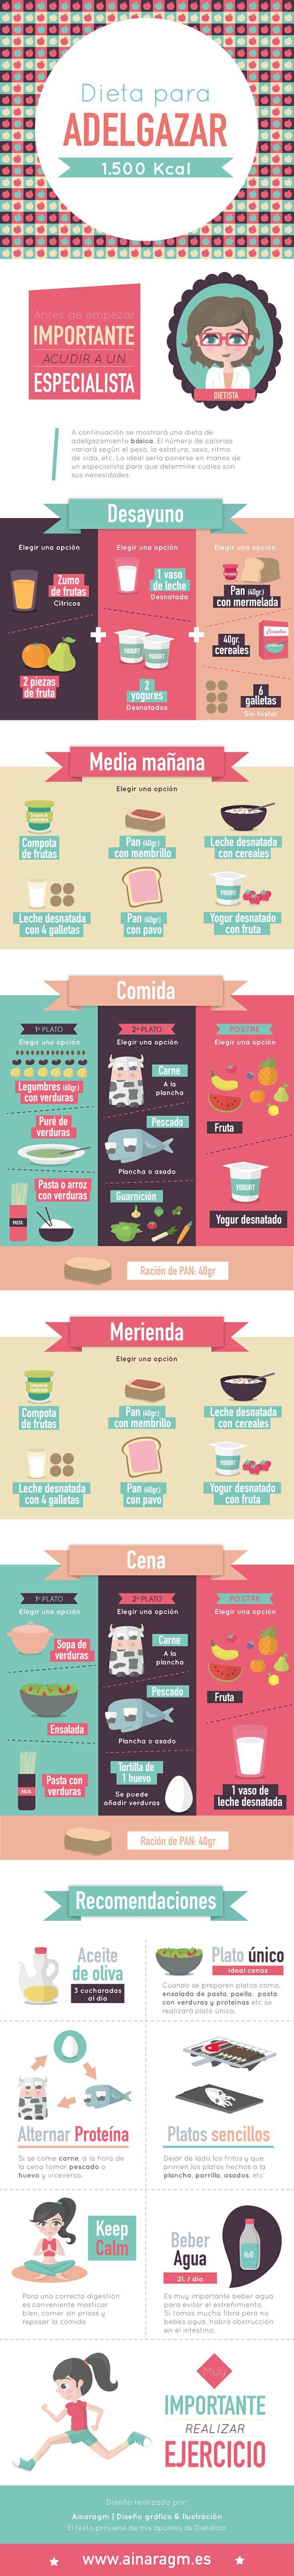 Dieta de 1500 kcal - 1500 kcal diet